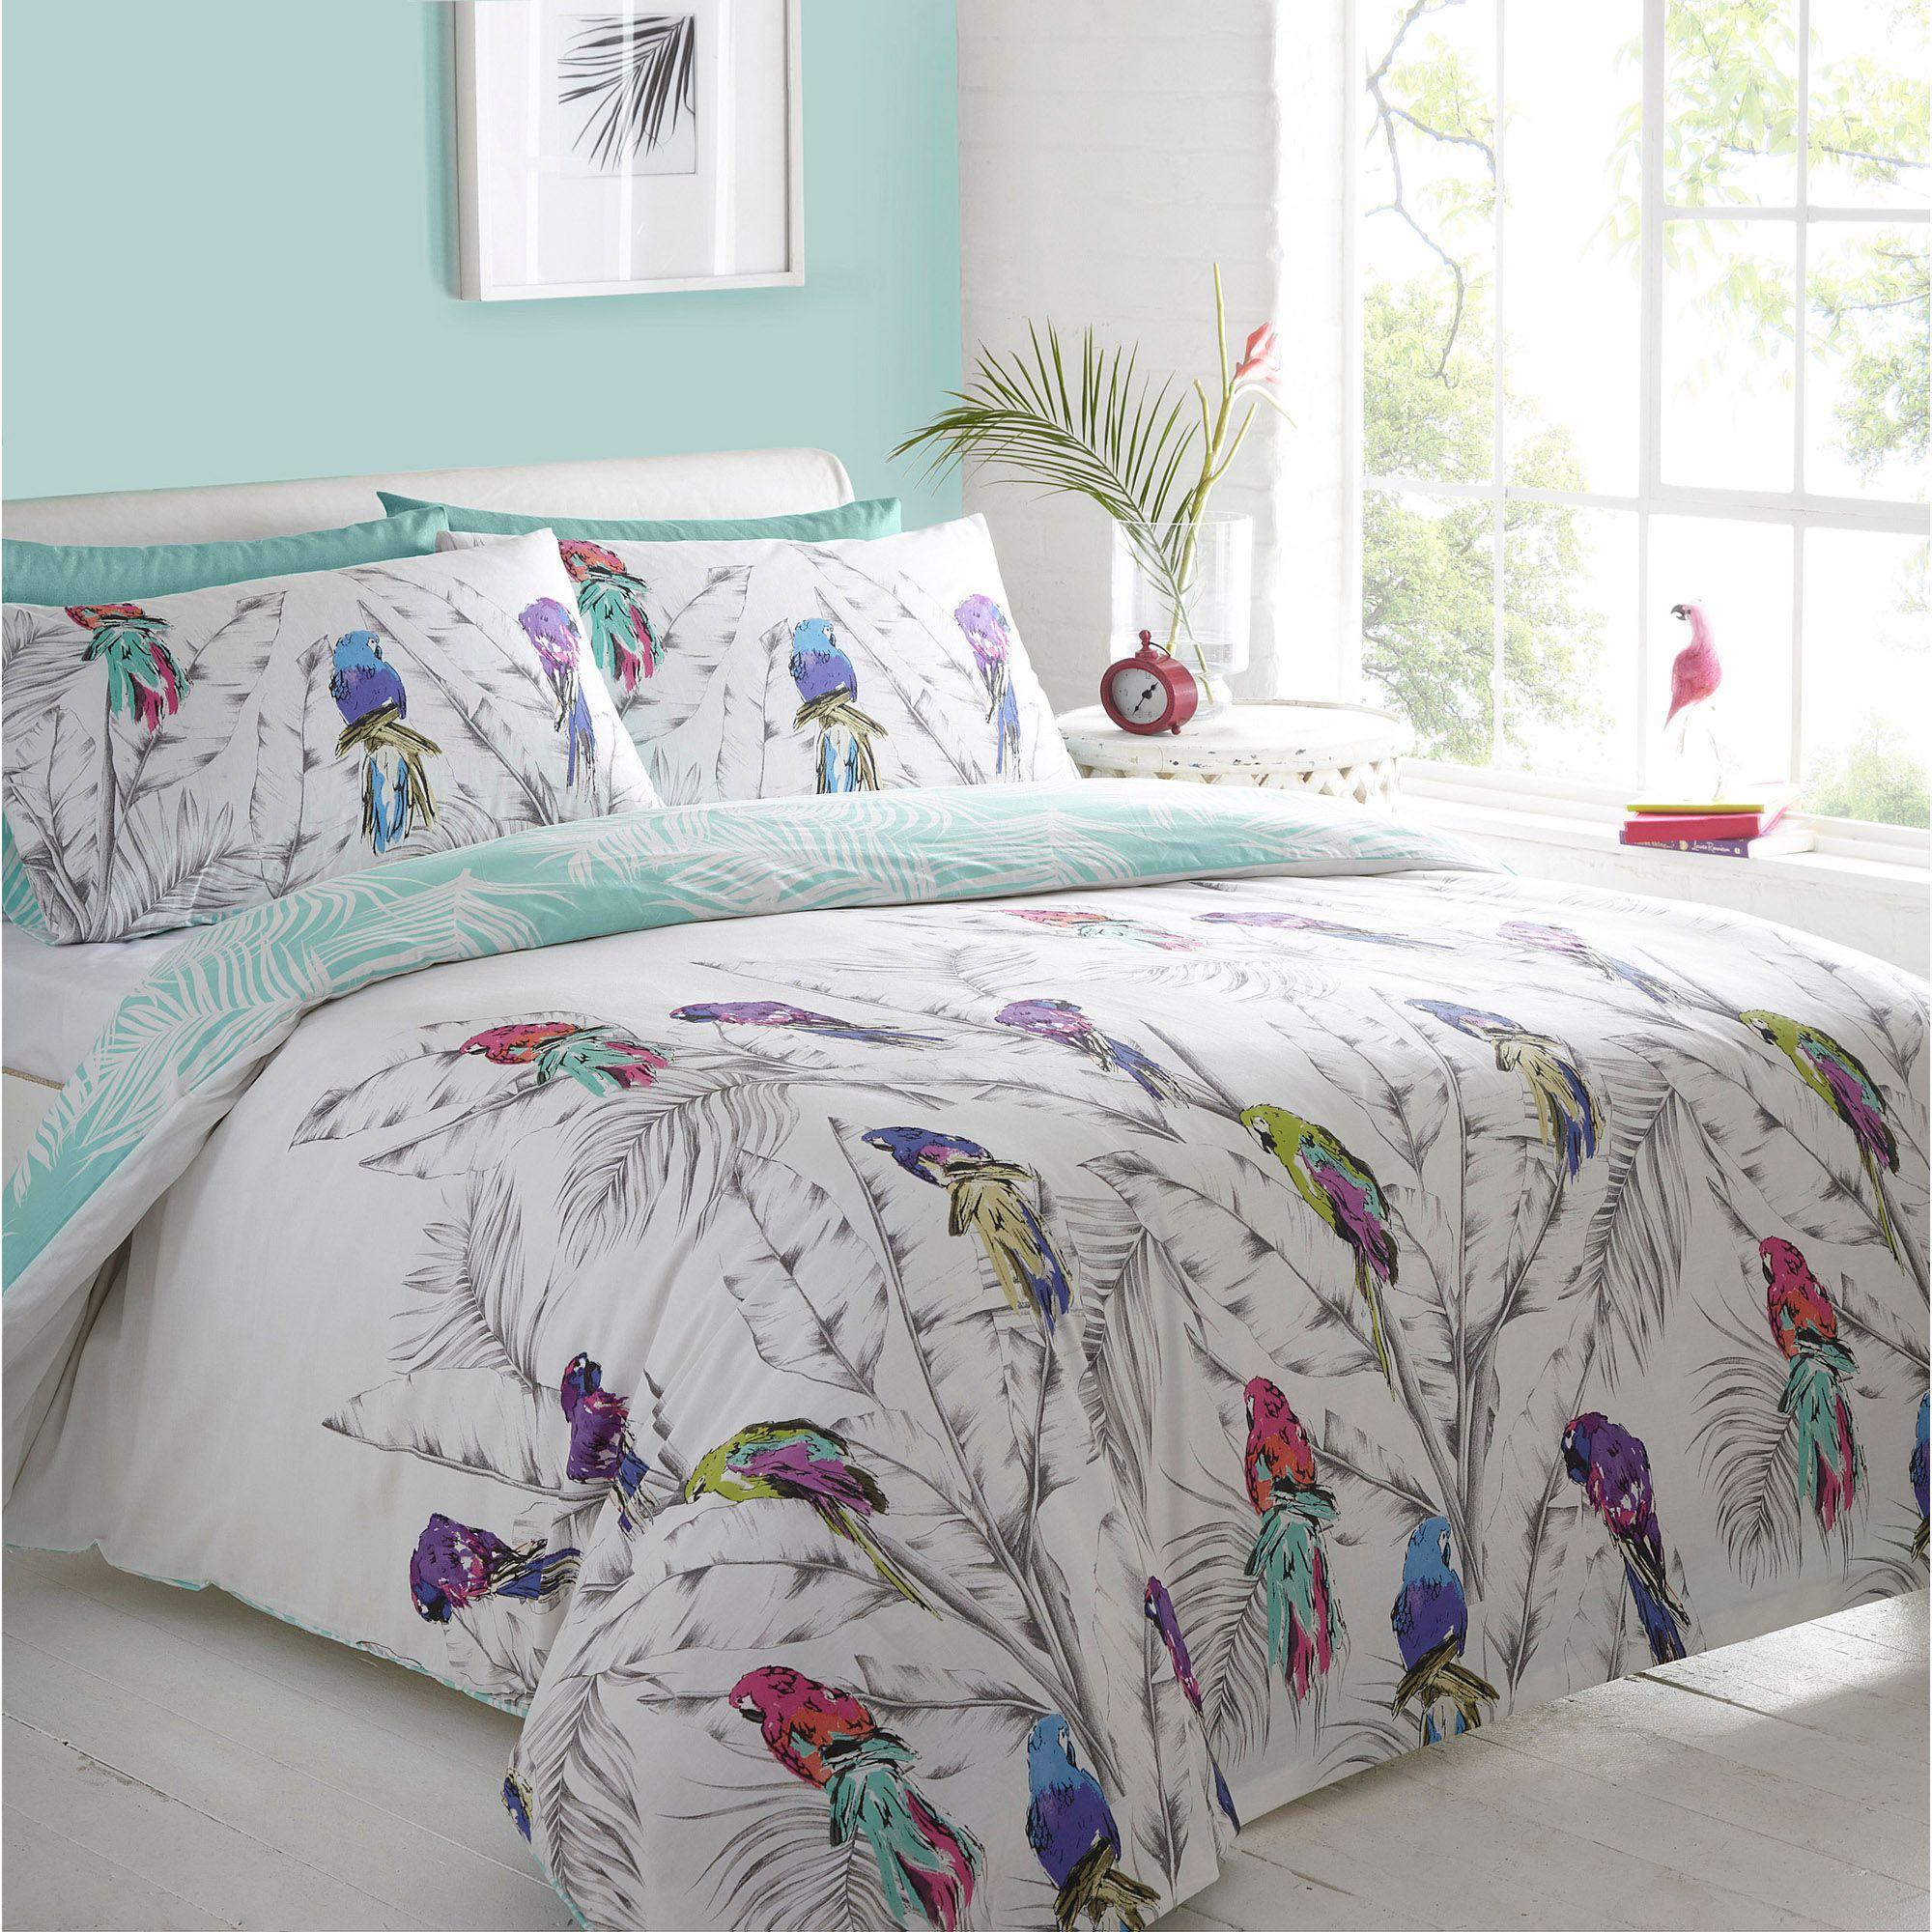 Debenhams Bed Sets Home Collection Blue And Grey Curious Bird Bedding Set Debenhams Debenhams